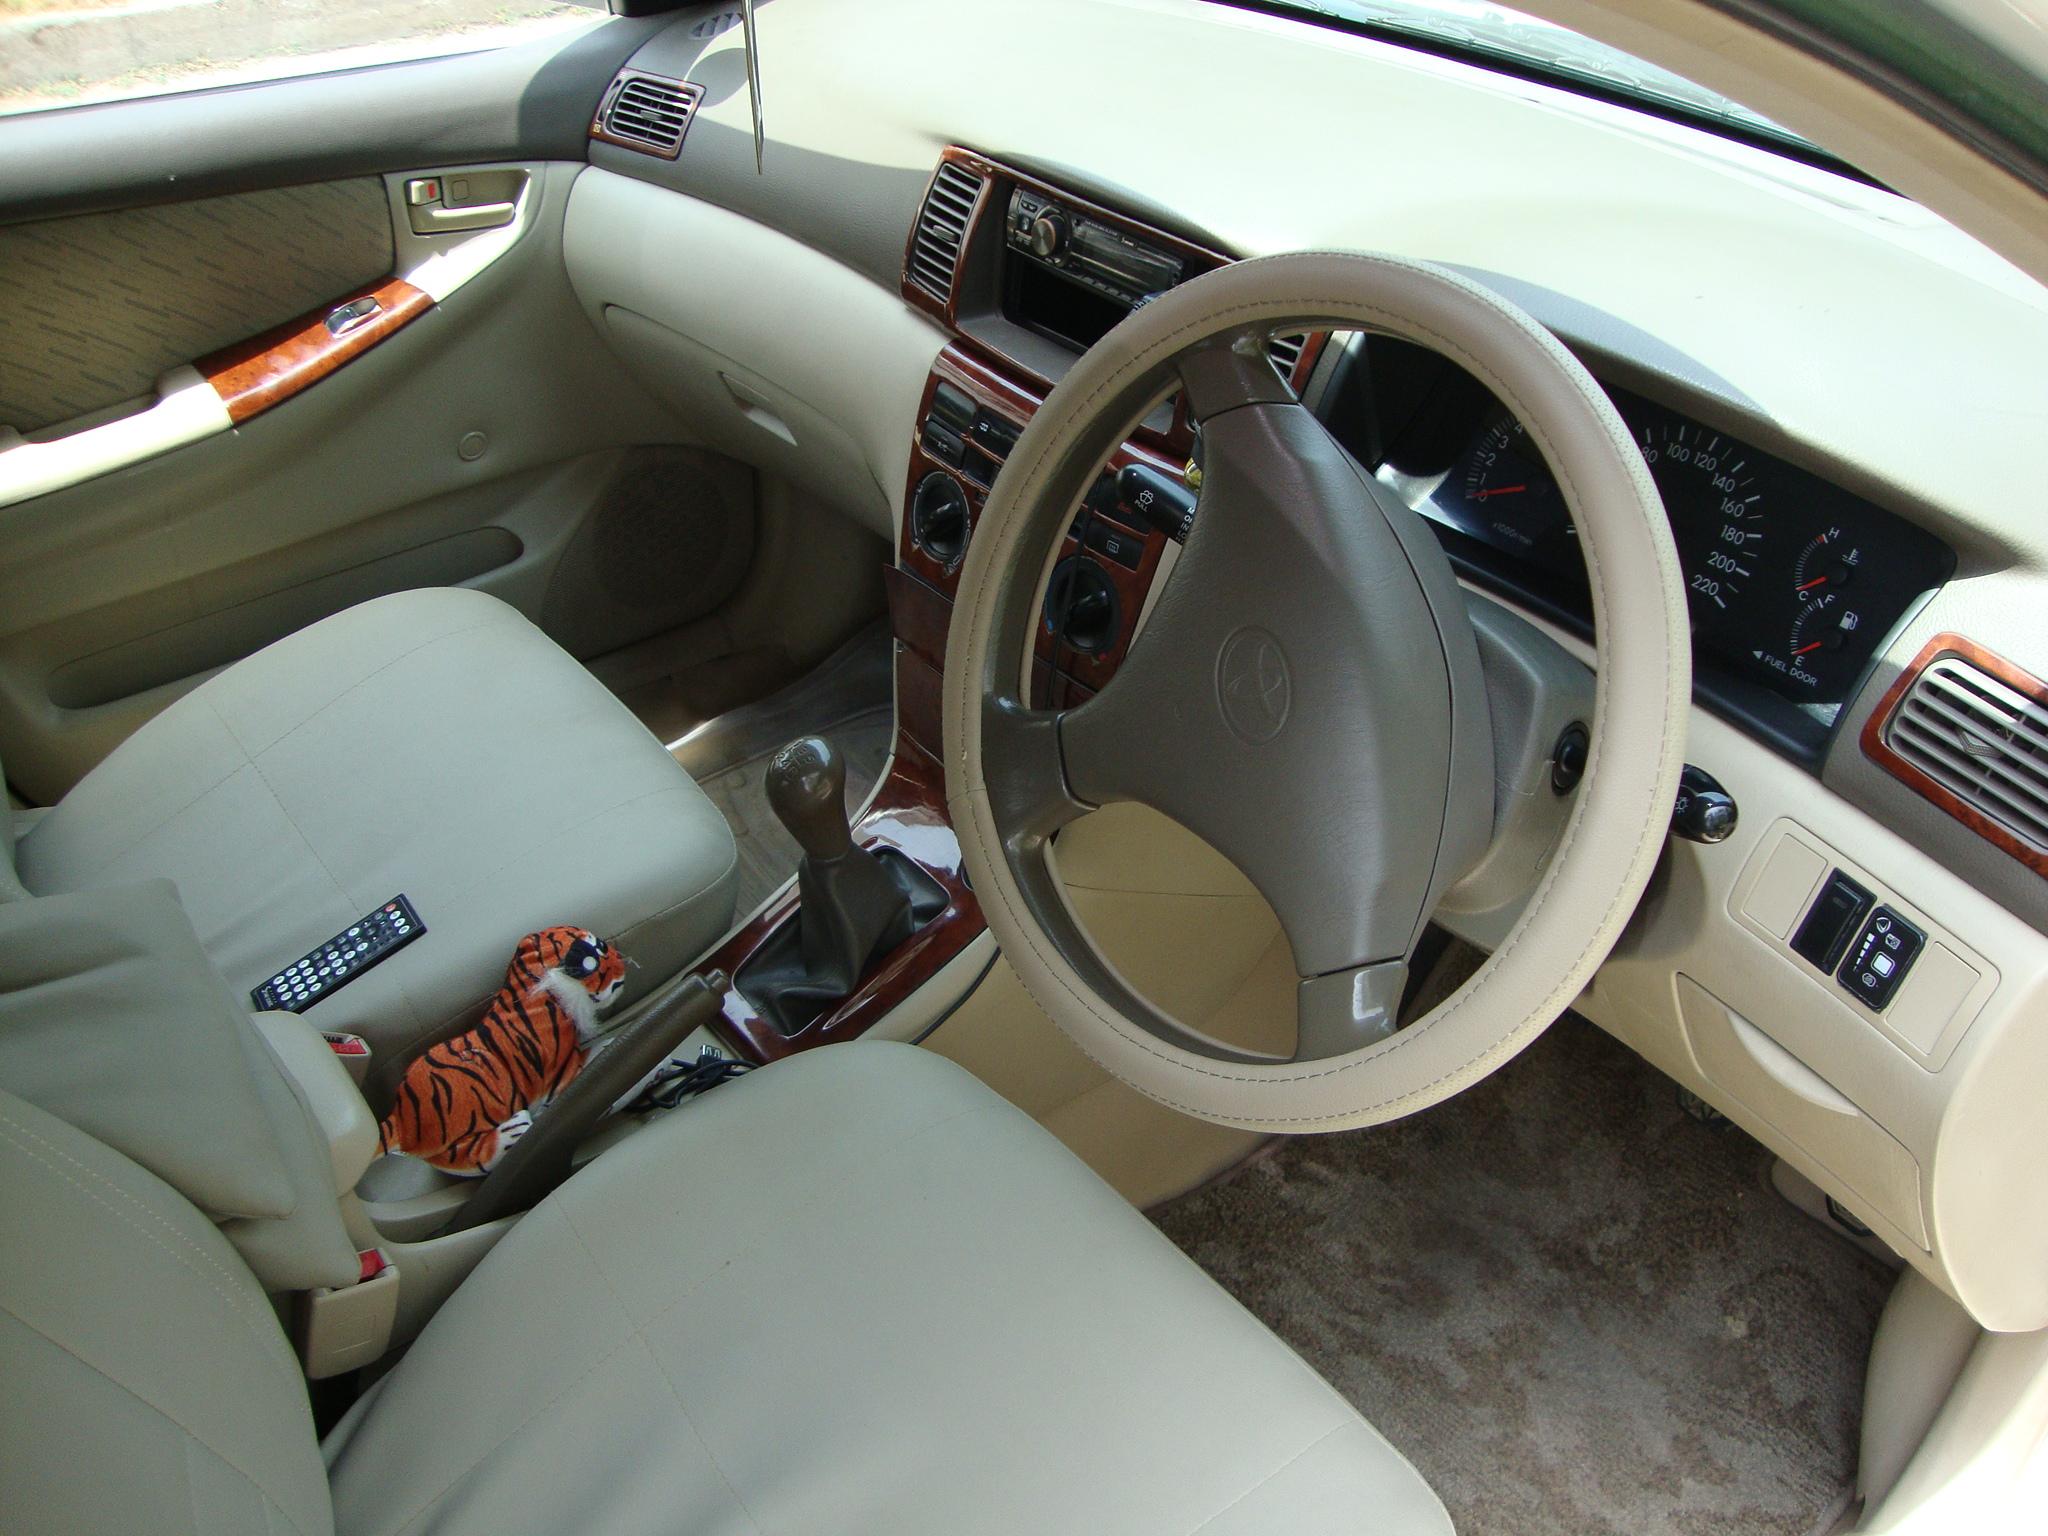 Kelebihan Kekurangan Toyota Corolla 2006 Top Model Tahun Ini